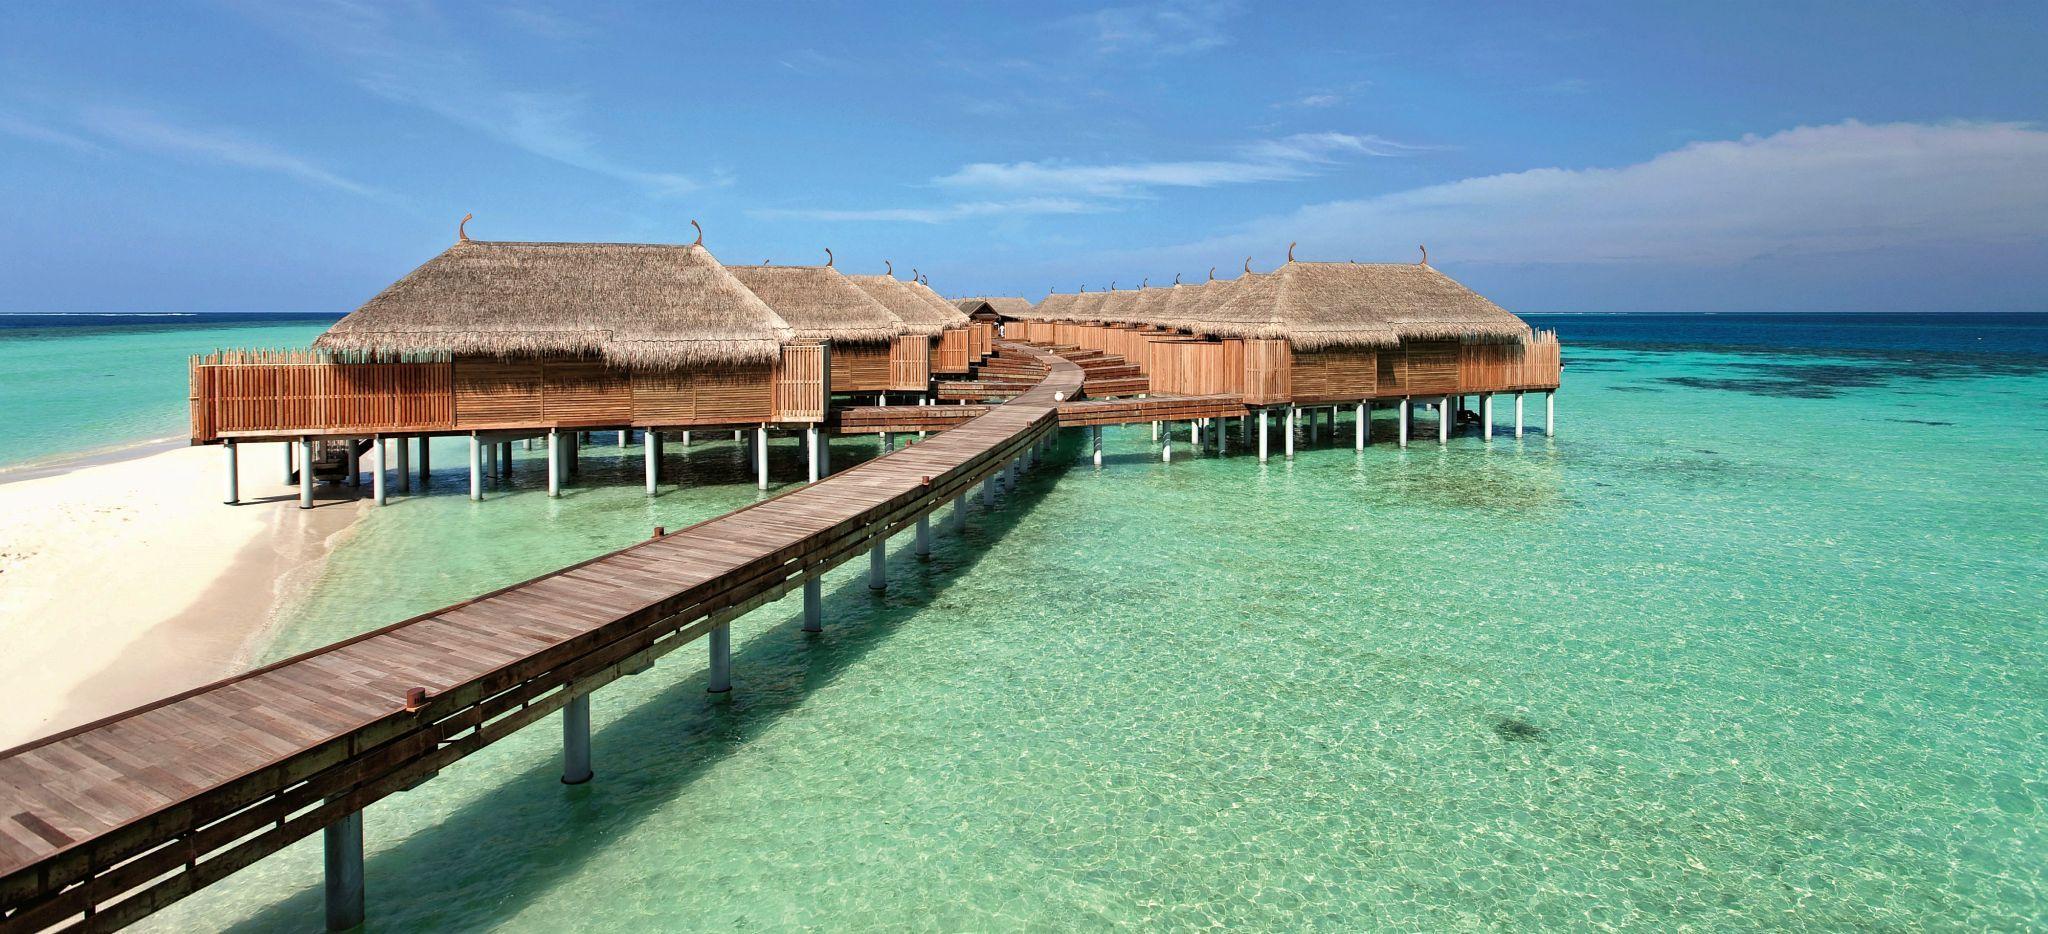 Mehrere Wasservillen in der Lagune der Malediveninsel Constance Moofushi